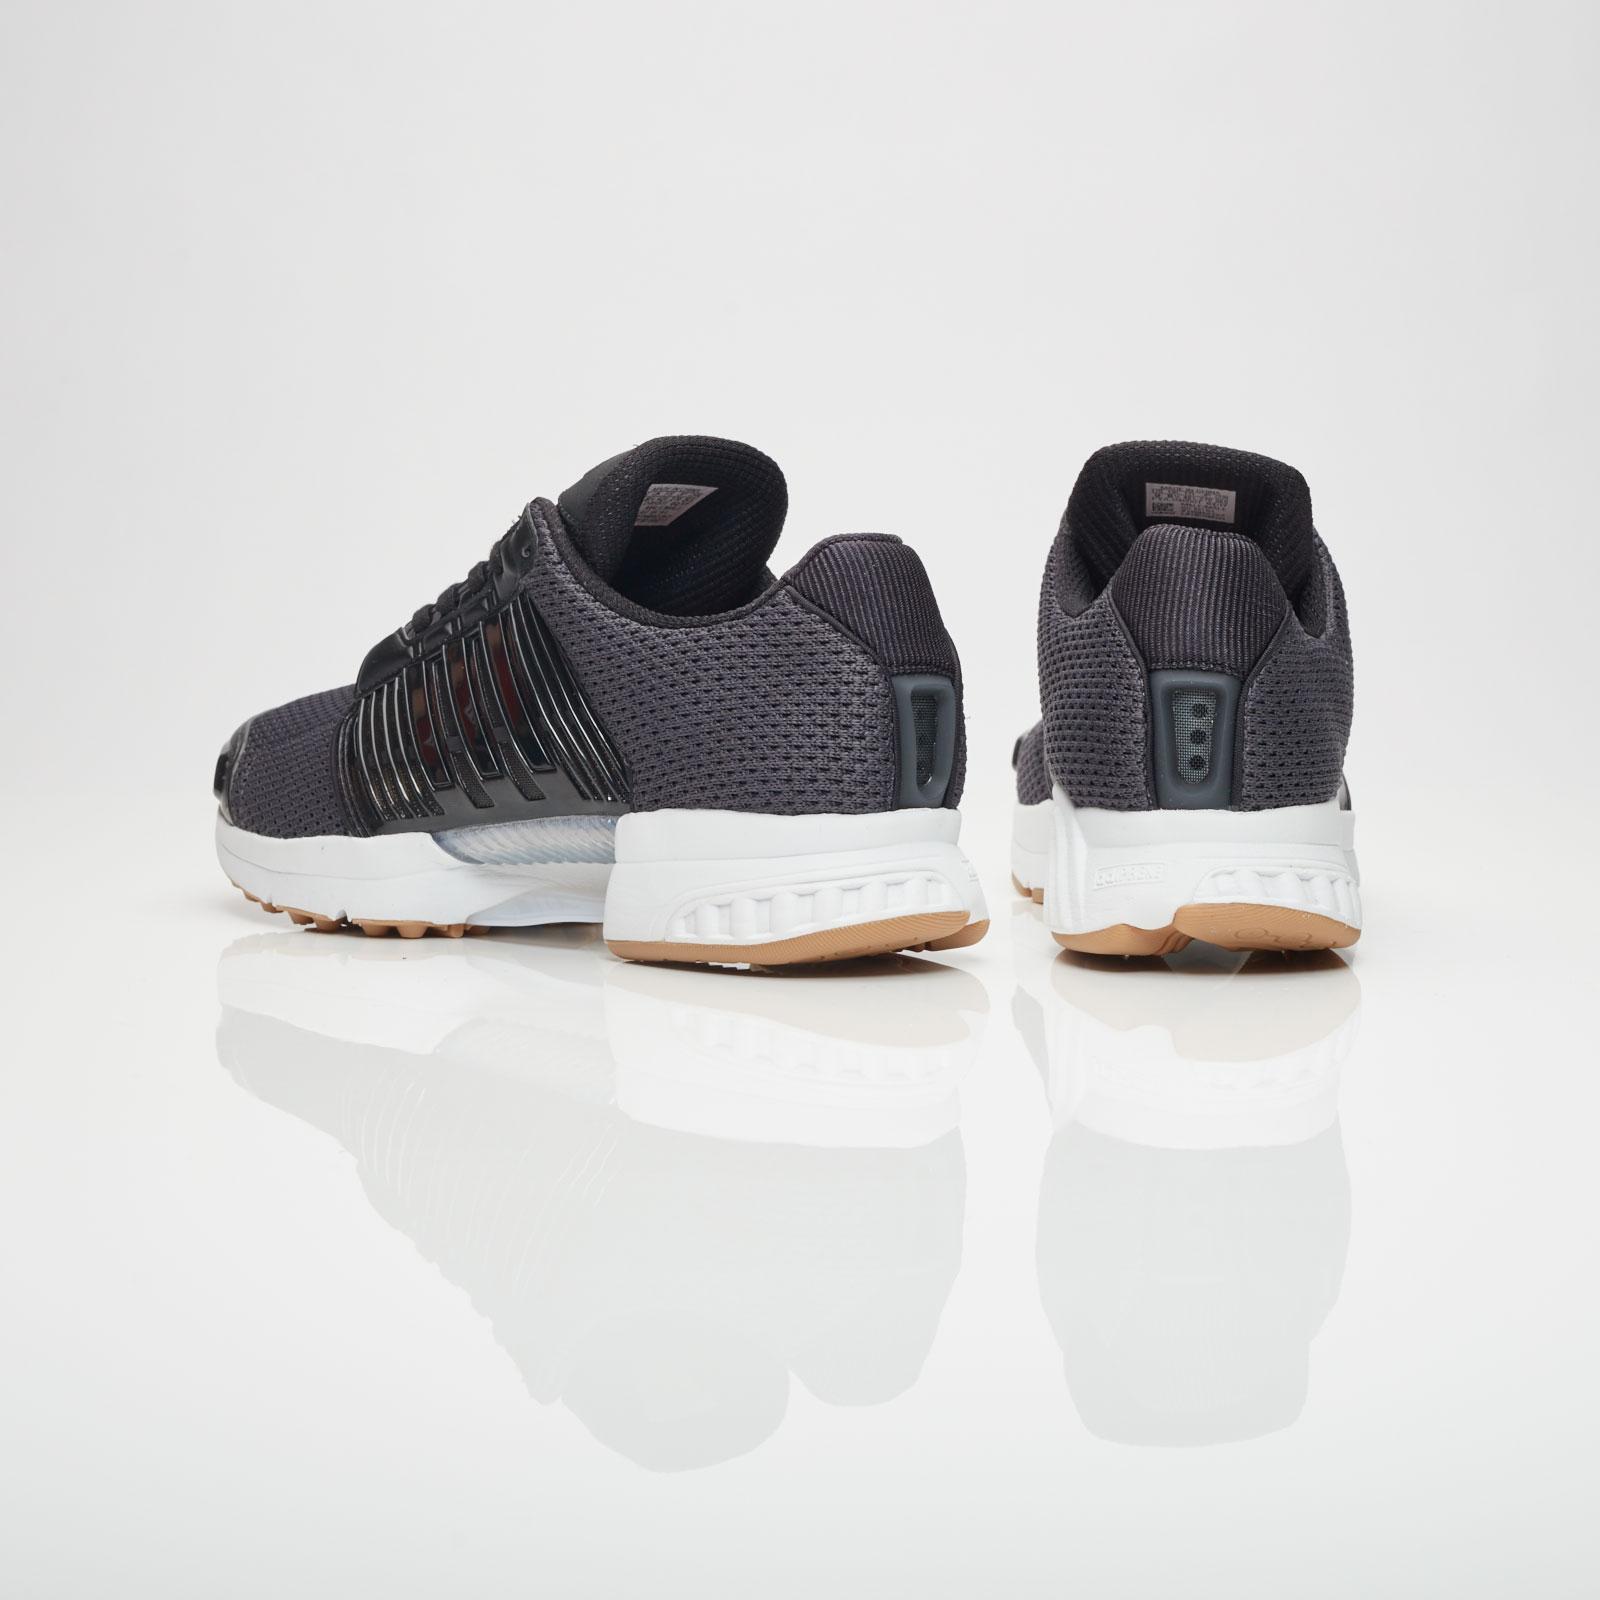 quality design 91555 1c319 adidas Originals Climacool 1 adidas Originals Climacool 1 ...